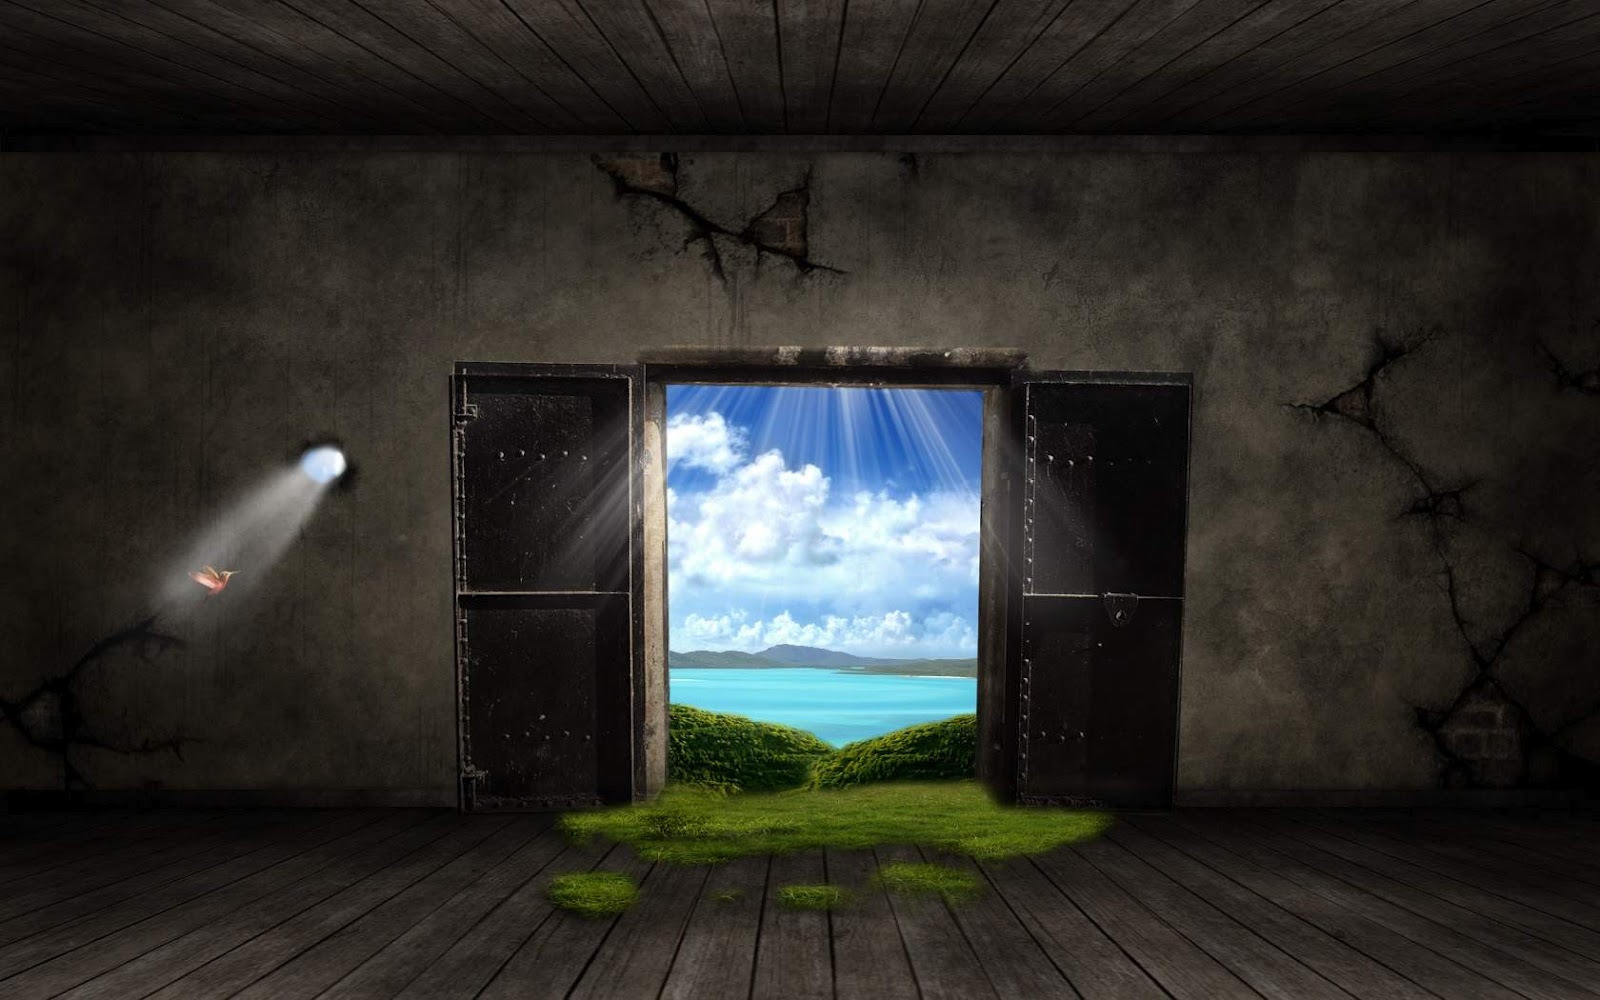 http://3.bp.blogspot.com/-5b_Jc5vhPKs/T3dGCkTUCPI/AAAAAAAAC-U/lZcjX6THSiw/s1600/HD-Creative-fantasy-door-wallpapers-background-1680x1050.jpg